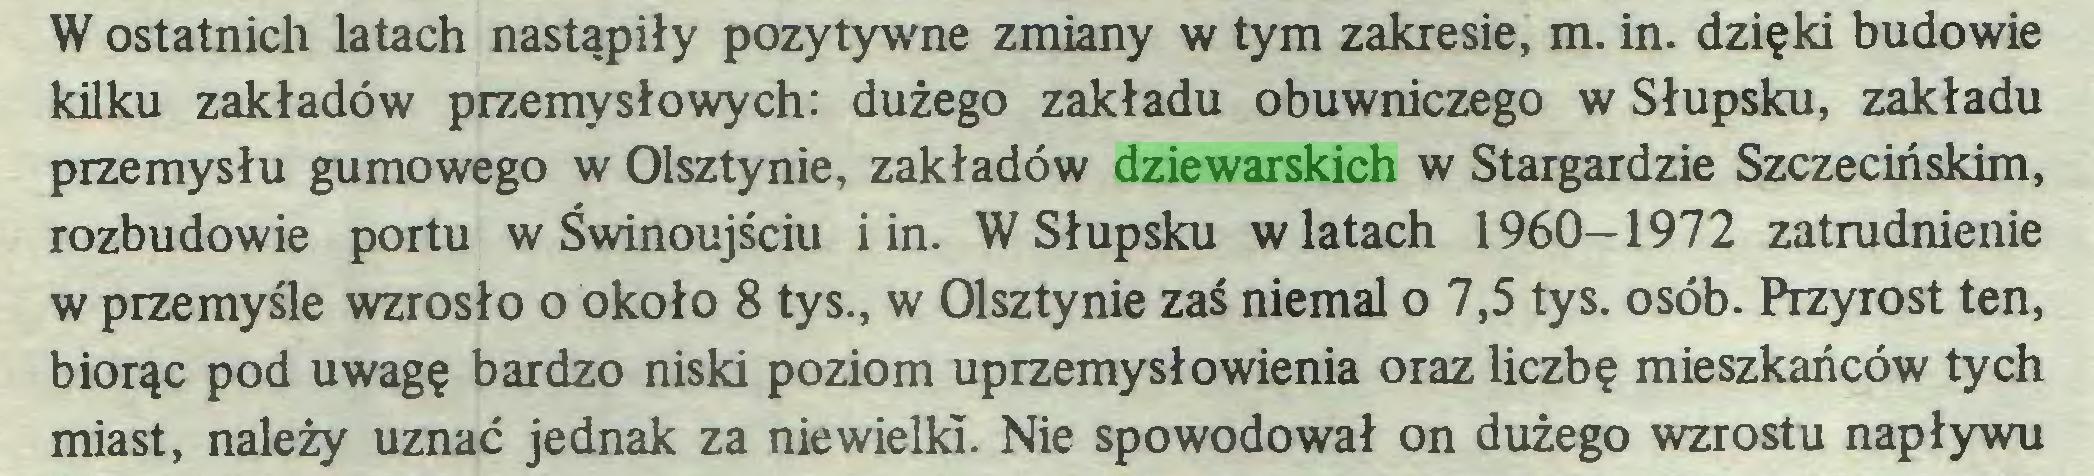 (...) W ostatnich latach nastąpiły pozytywne zmiany w tym zakresie, m. in. dzięki budowie kilku zakładów przemysłowych: dużego zakładu obuwniczego w Słupsku, zakładu przemysłu gumowego w Olsztynie, zakładów dziewarskich w Stargardzie Szczecińskim, rozbudowie portu w Świnoujściu i in. W Słupsku wiatach 1960—1972 zatrudnienie w przemyśle wzrosło o około 8 tys., w Olsztynie zaś niemal o 7,5 tys. osób. Przyrost ten, biorąc pod uwagę bardzo niski poziom uprzemysłowienia oraz liczbę mieszkańców tych miast, należy uznać jednak za niewielki. Nie spowodował on dużego wzrostu napływu...